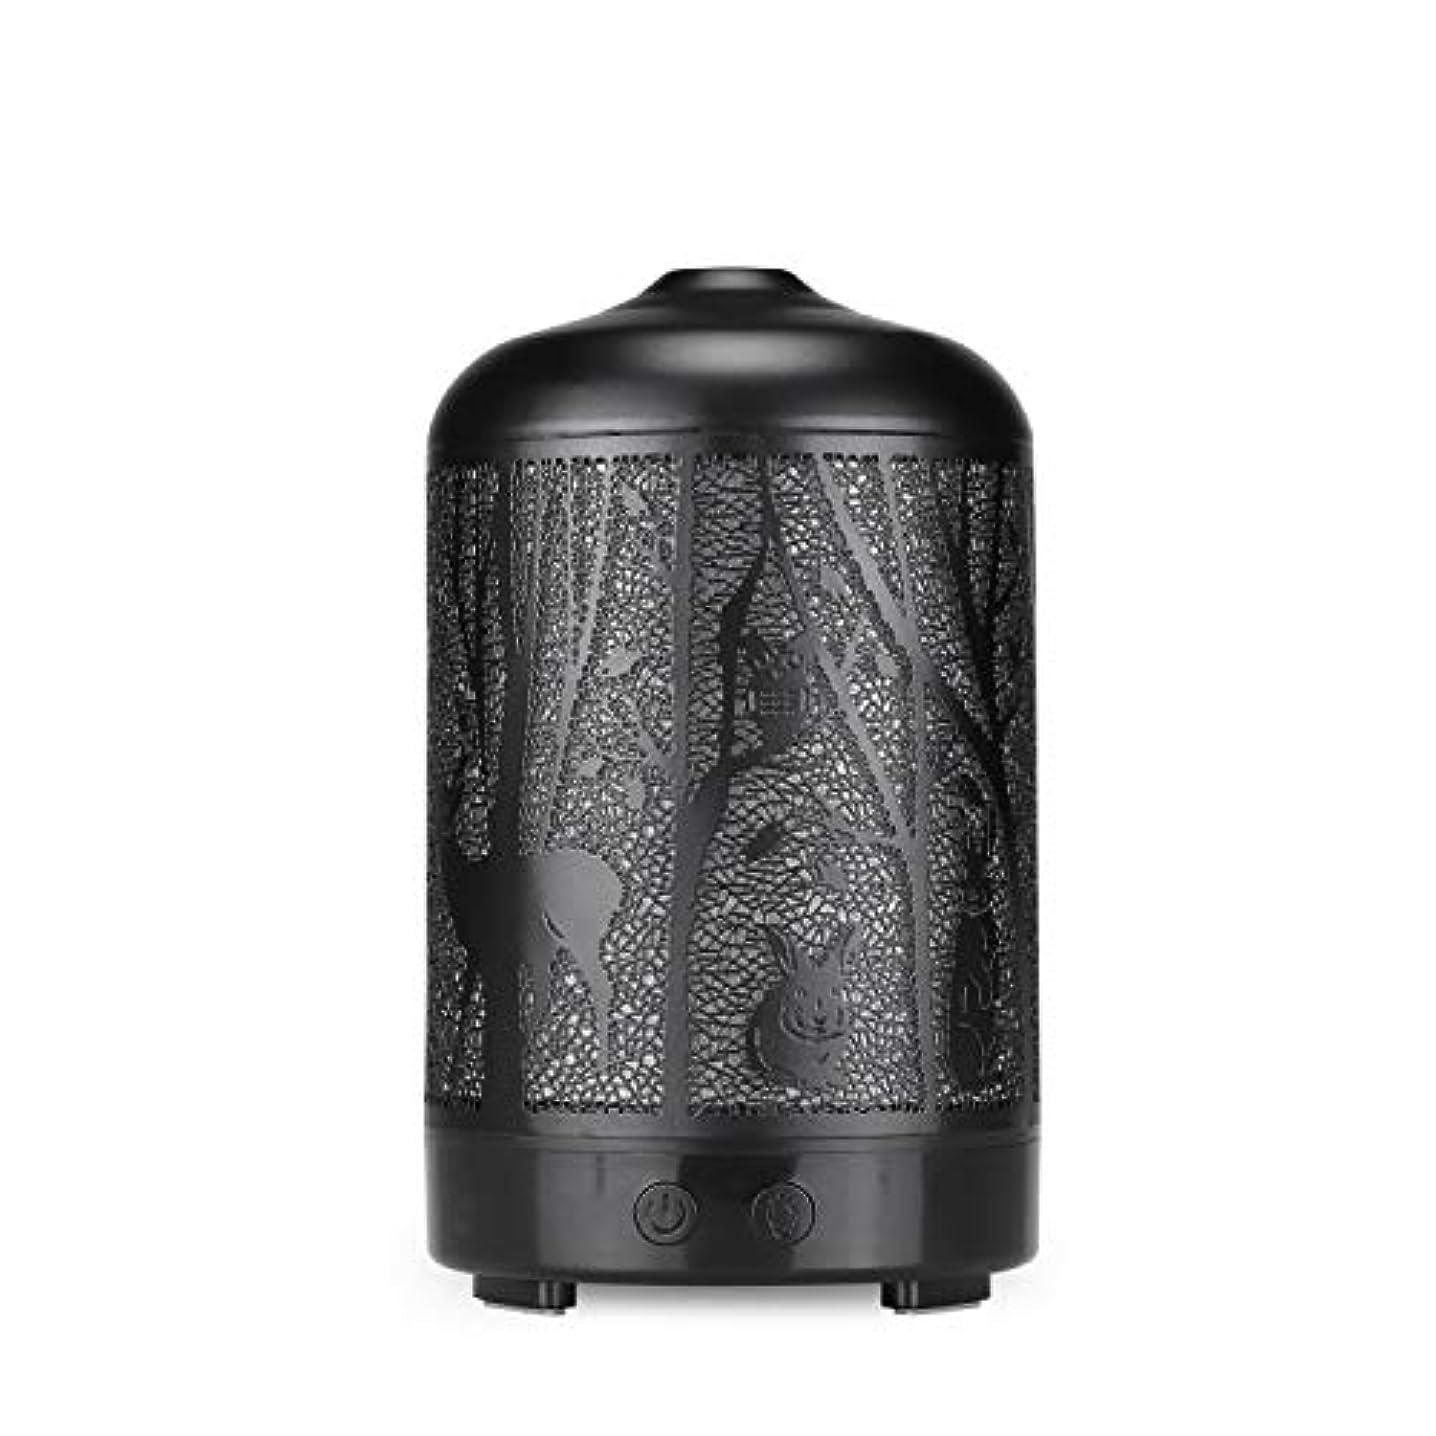 赤外線連帯無許可エッセンシャルオイルディフューザー、100 ml超音波金属ディアーアロマセラピー香り油拡散気化器加湿器